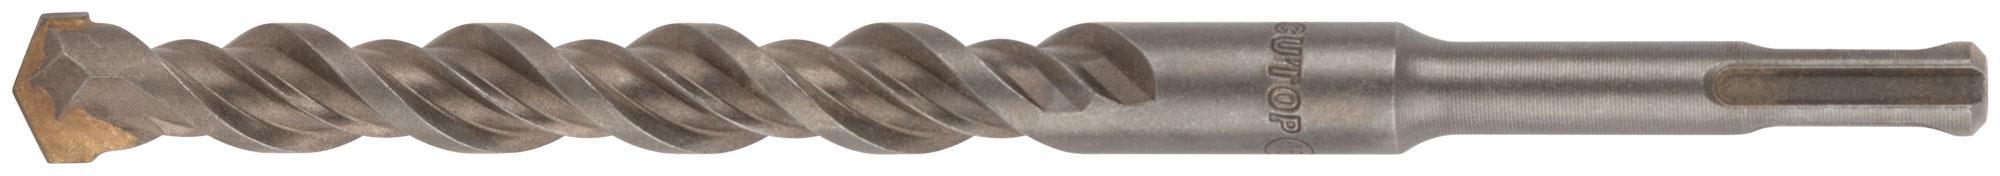 Бур Cutop 40-16210